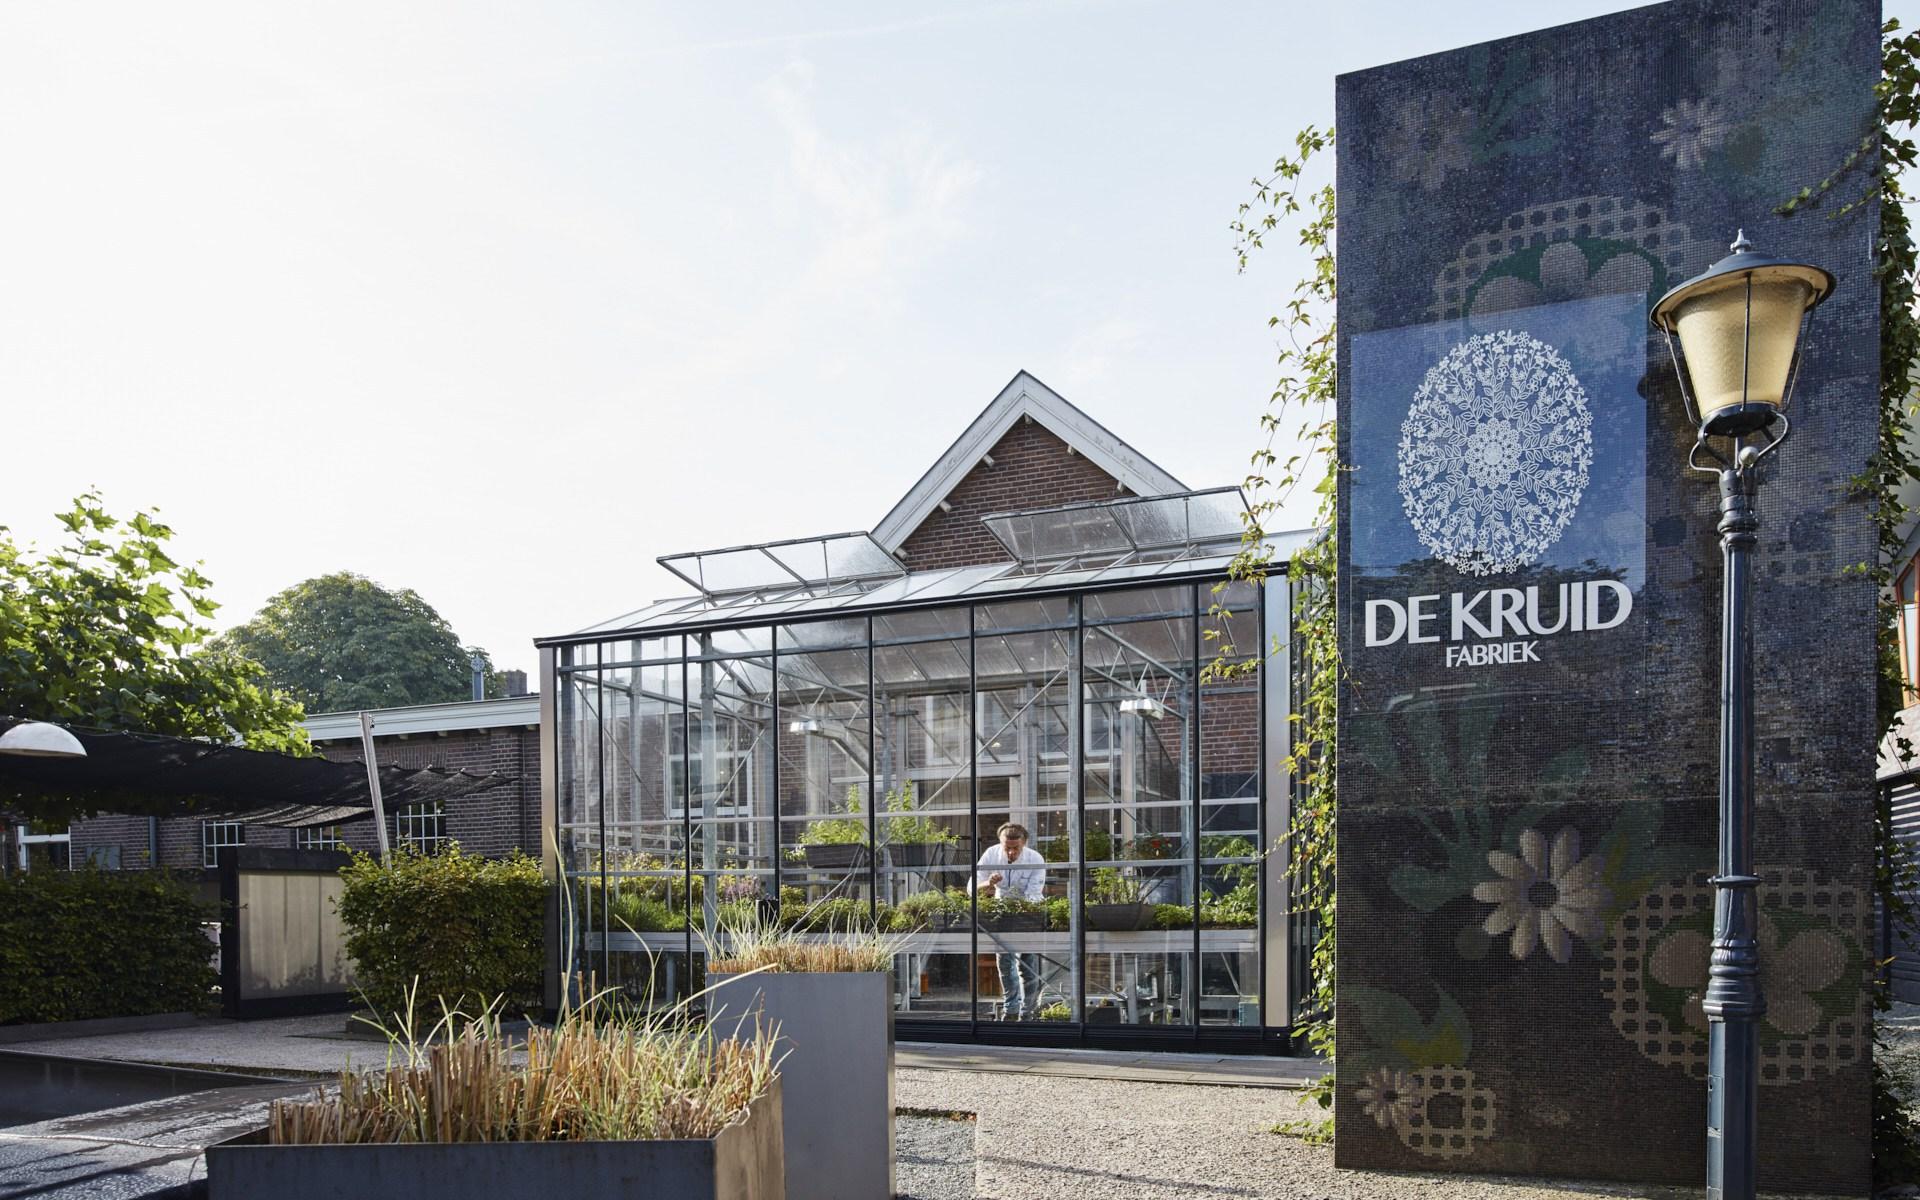 Horeca gietvloeren: keukenvloer restaurant Amstelveen